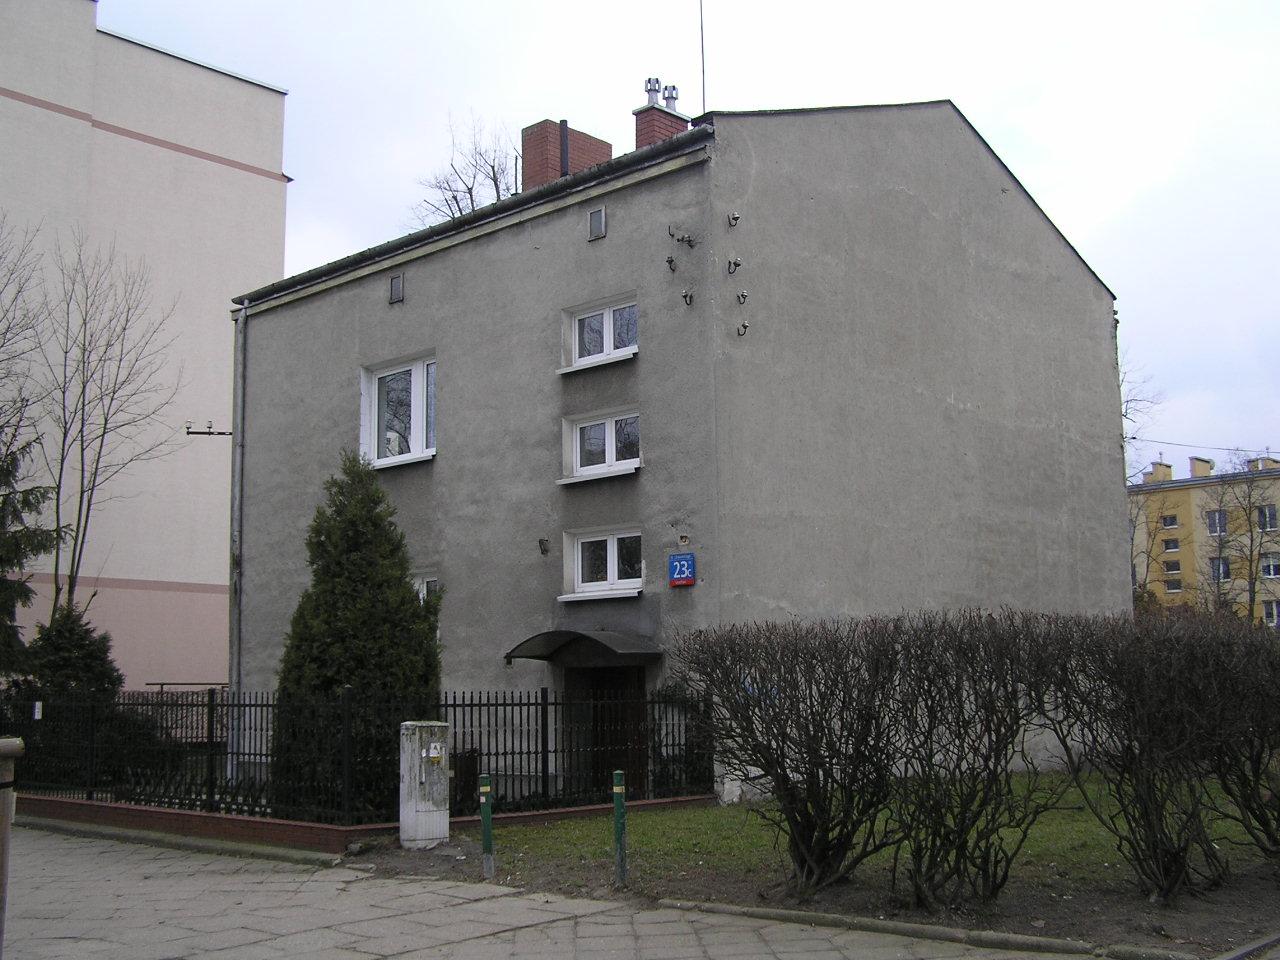 Budynek przy ulicy Dwernickiego 23C na Grochowie